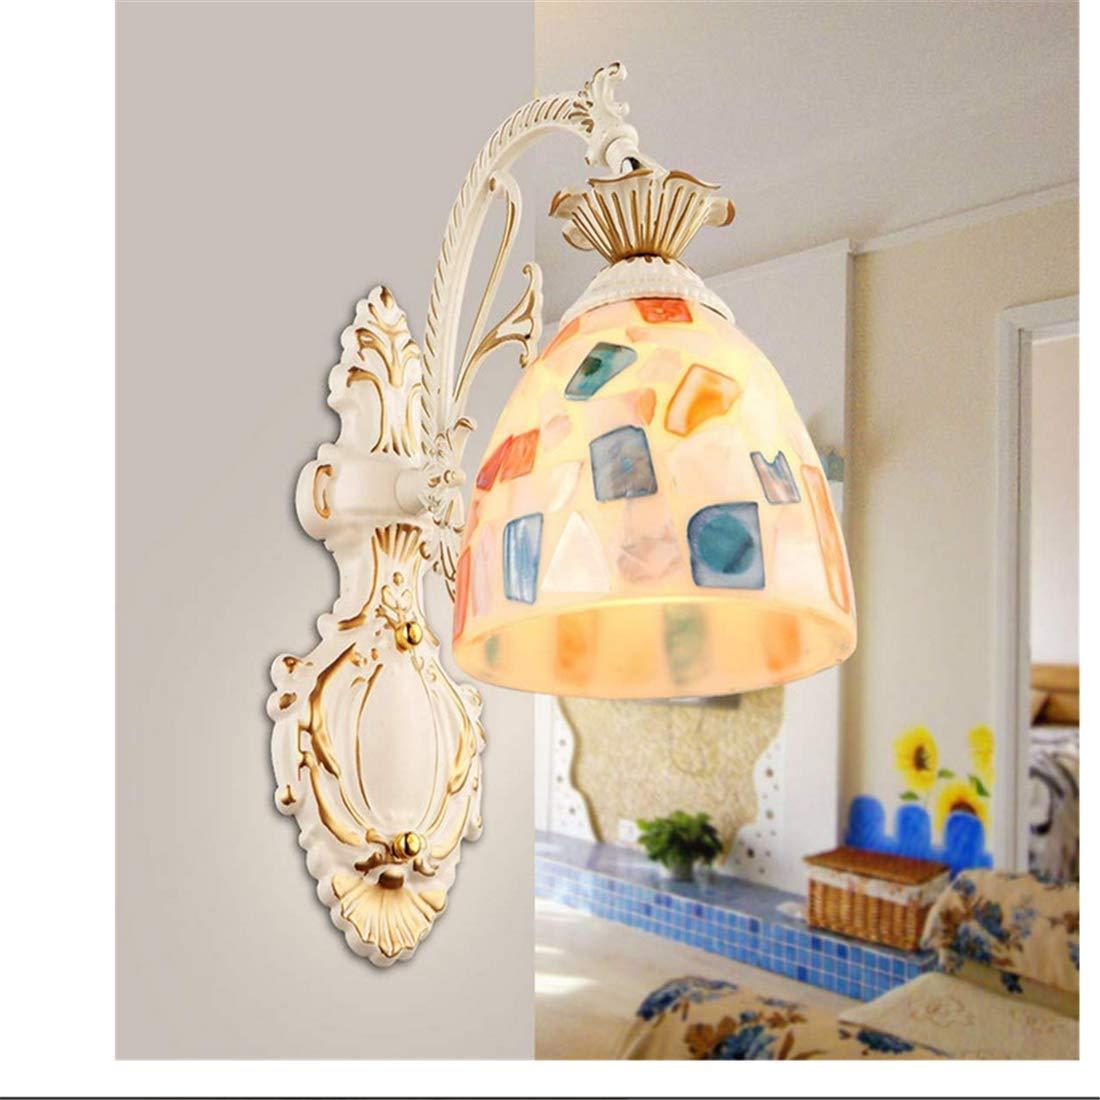 Moderne Wand Leuchte Luminary E27 Led Wand Lampe Lesen Lampen Wand Montiert Moderne Glas Wandlampen Nacht Lesen Lampen Schnelle Farbe Lampen & Schirme